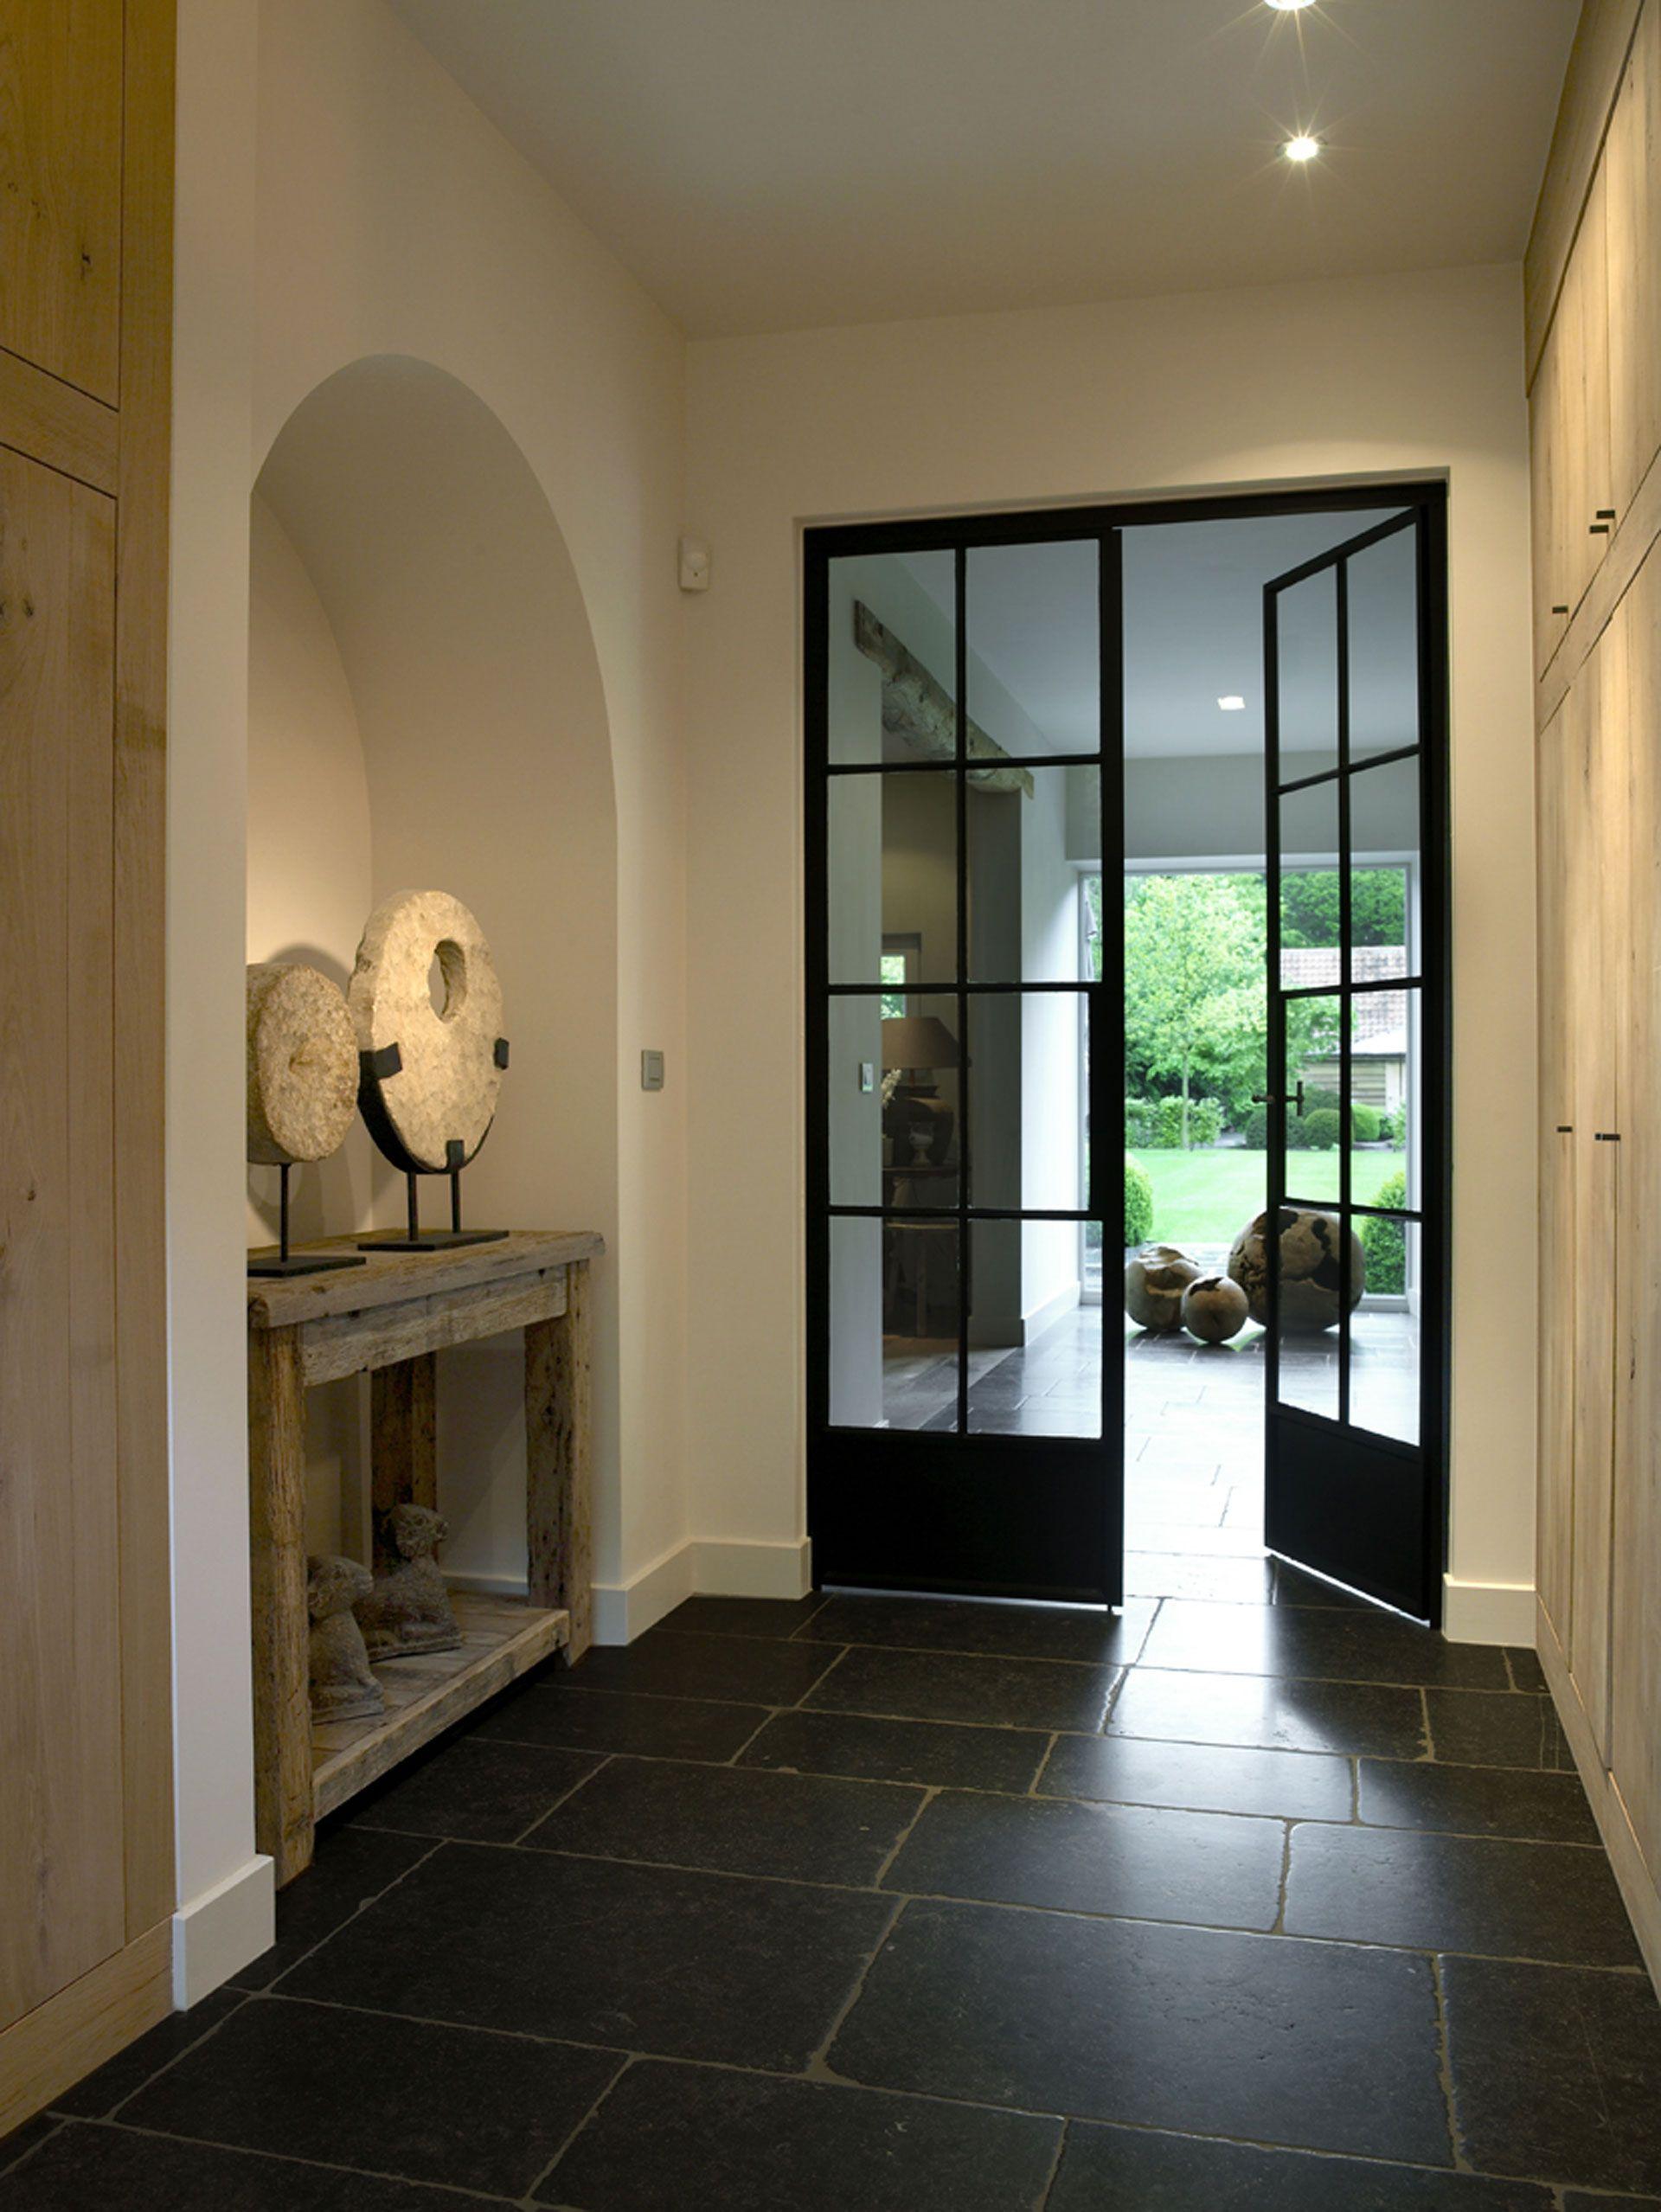 doorsdoorsdoorsdoorsdoorsdoorsdoorsdoorsdoorsdoorsdoorsdoorsdoors things that are home y en. Black Bedroom Furniture Sets. Home Design Ideas